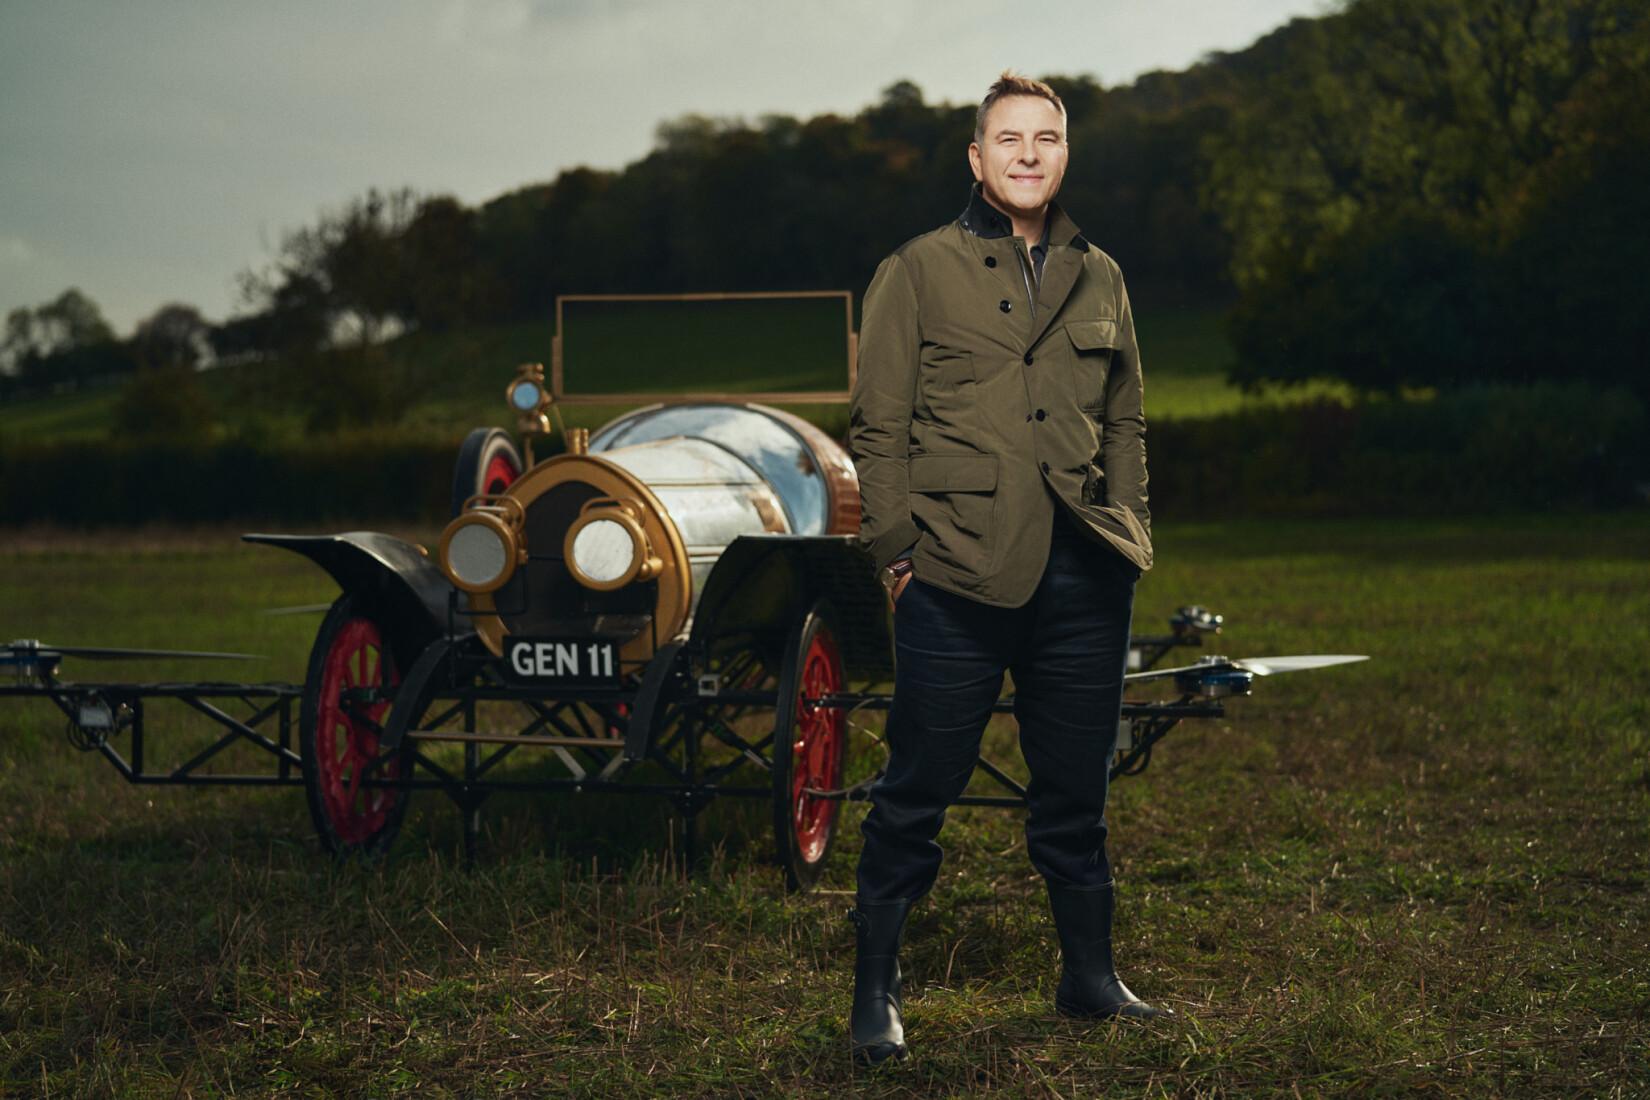 David Walliams stood in front of Chitty Chitty Bang Bang, the flying car.